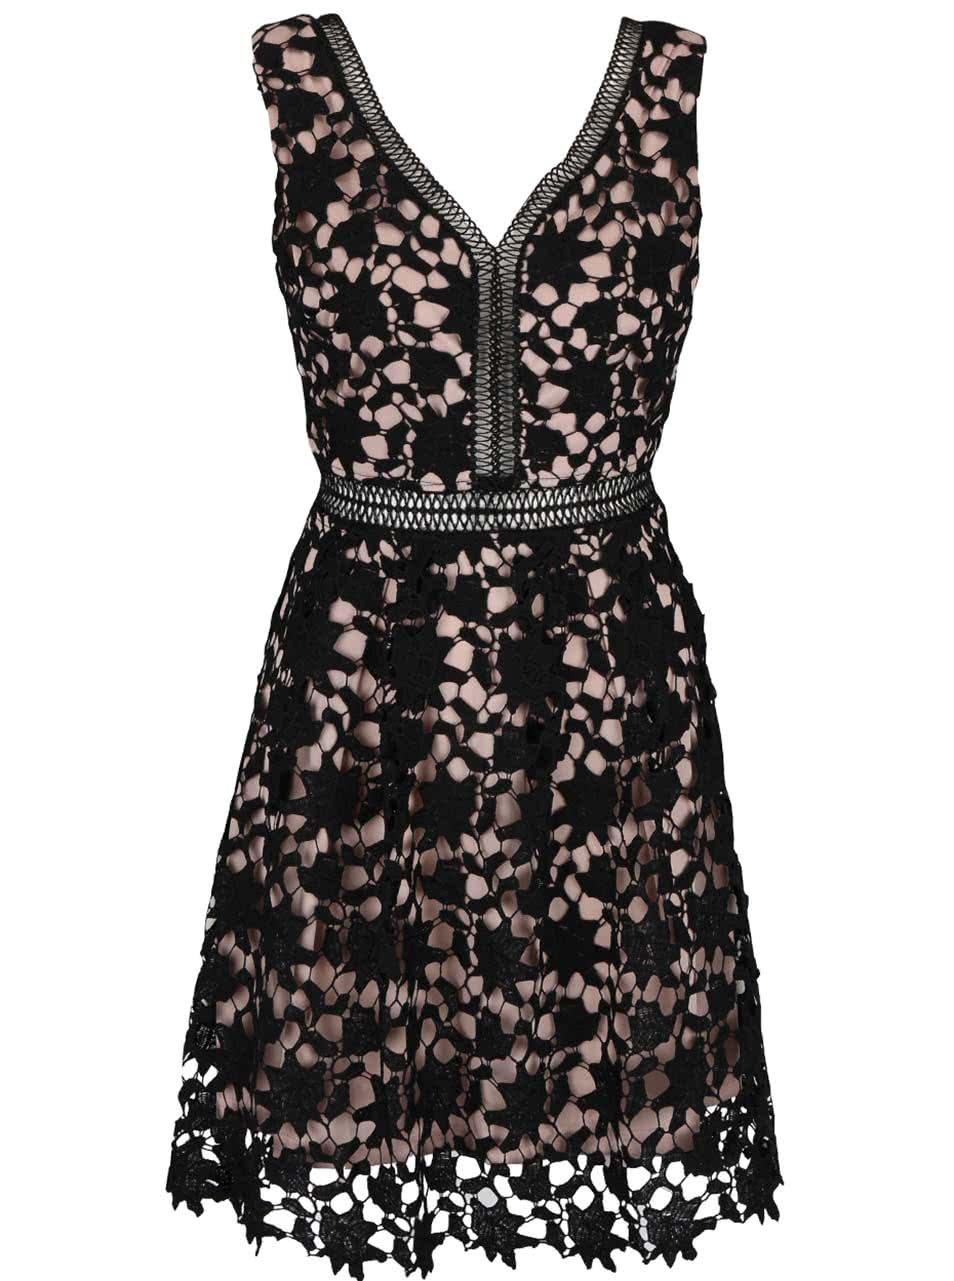 Čierne čipkované šaty s hlbokým výstrihom na chrbte Apricot ... 983d56e08eb